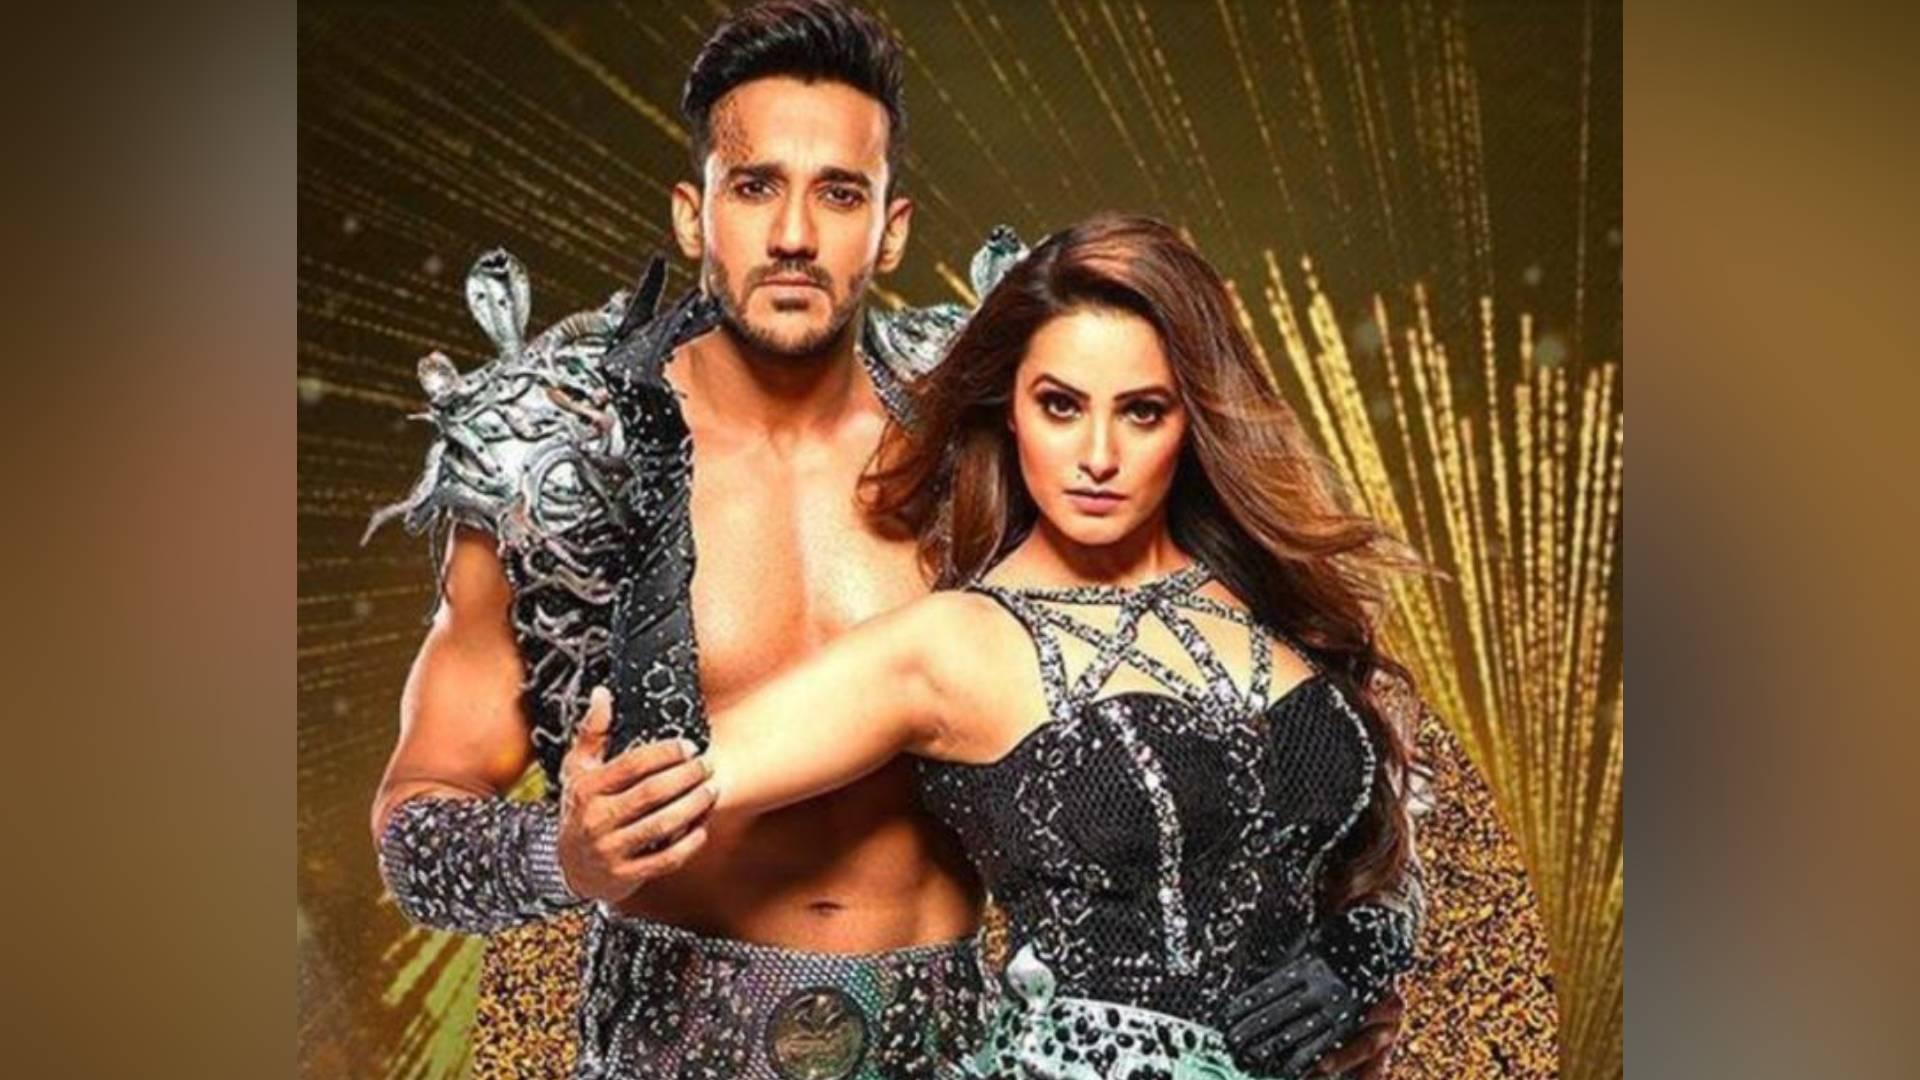 Nach Baliye 9: शो में अब नहीं दिखेगा अनीता हसनंदानी- रोहित रेड्डी का जादू, इस वजह से लगा डांस जर्नी पर ब्रेक